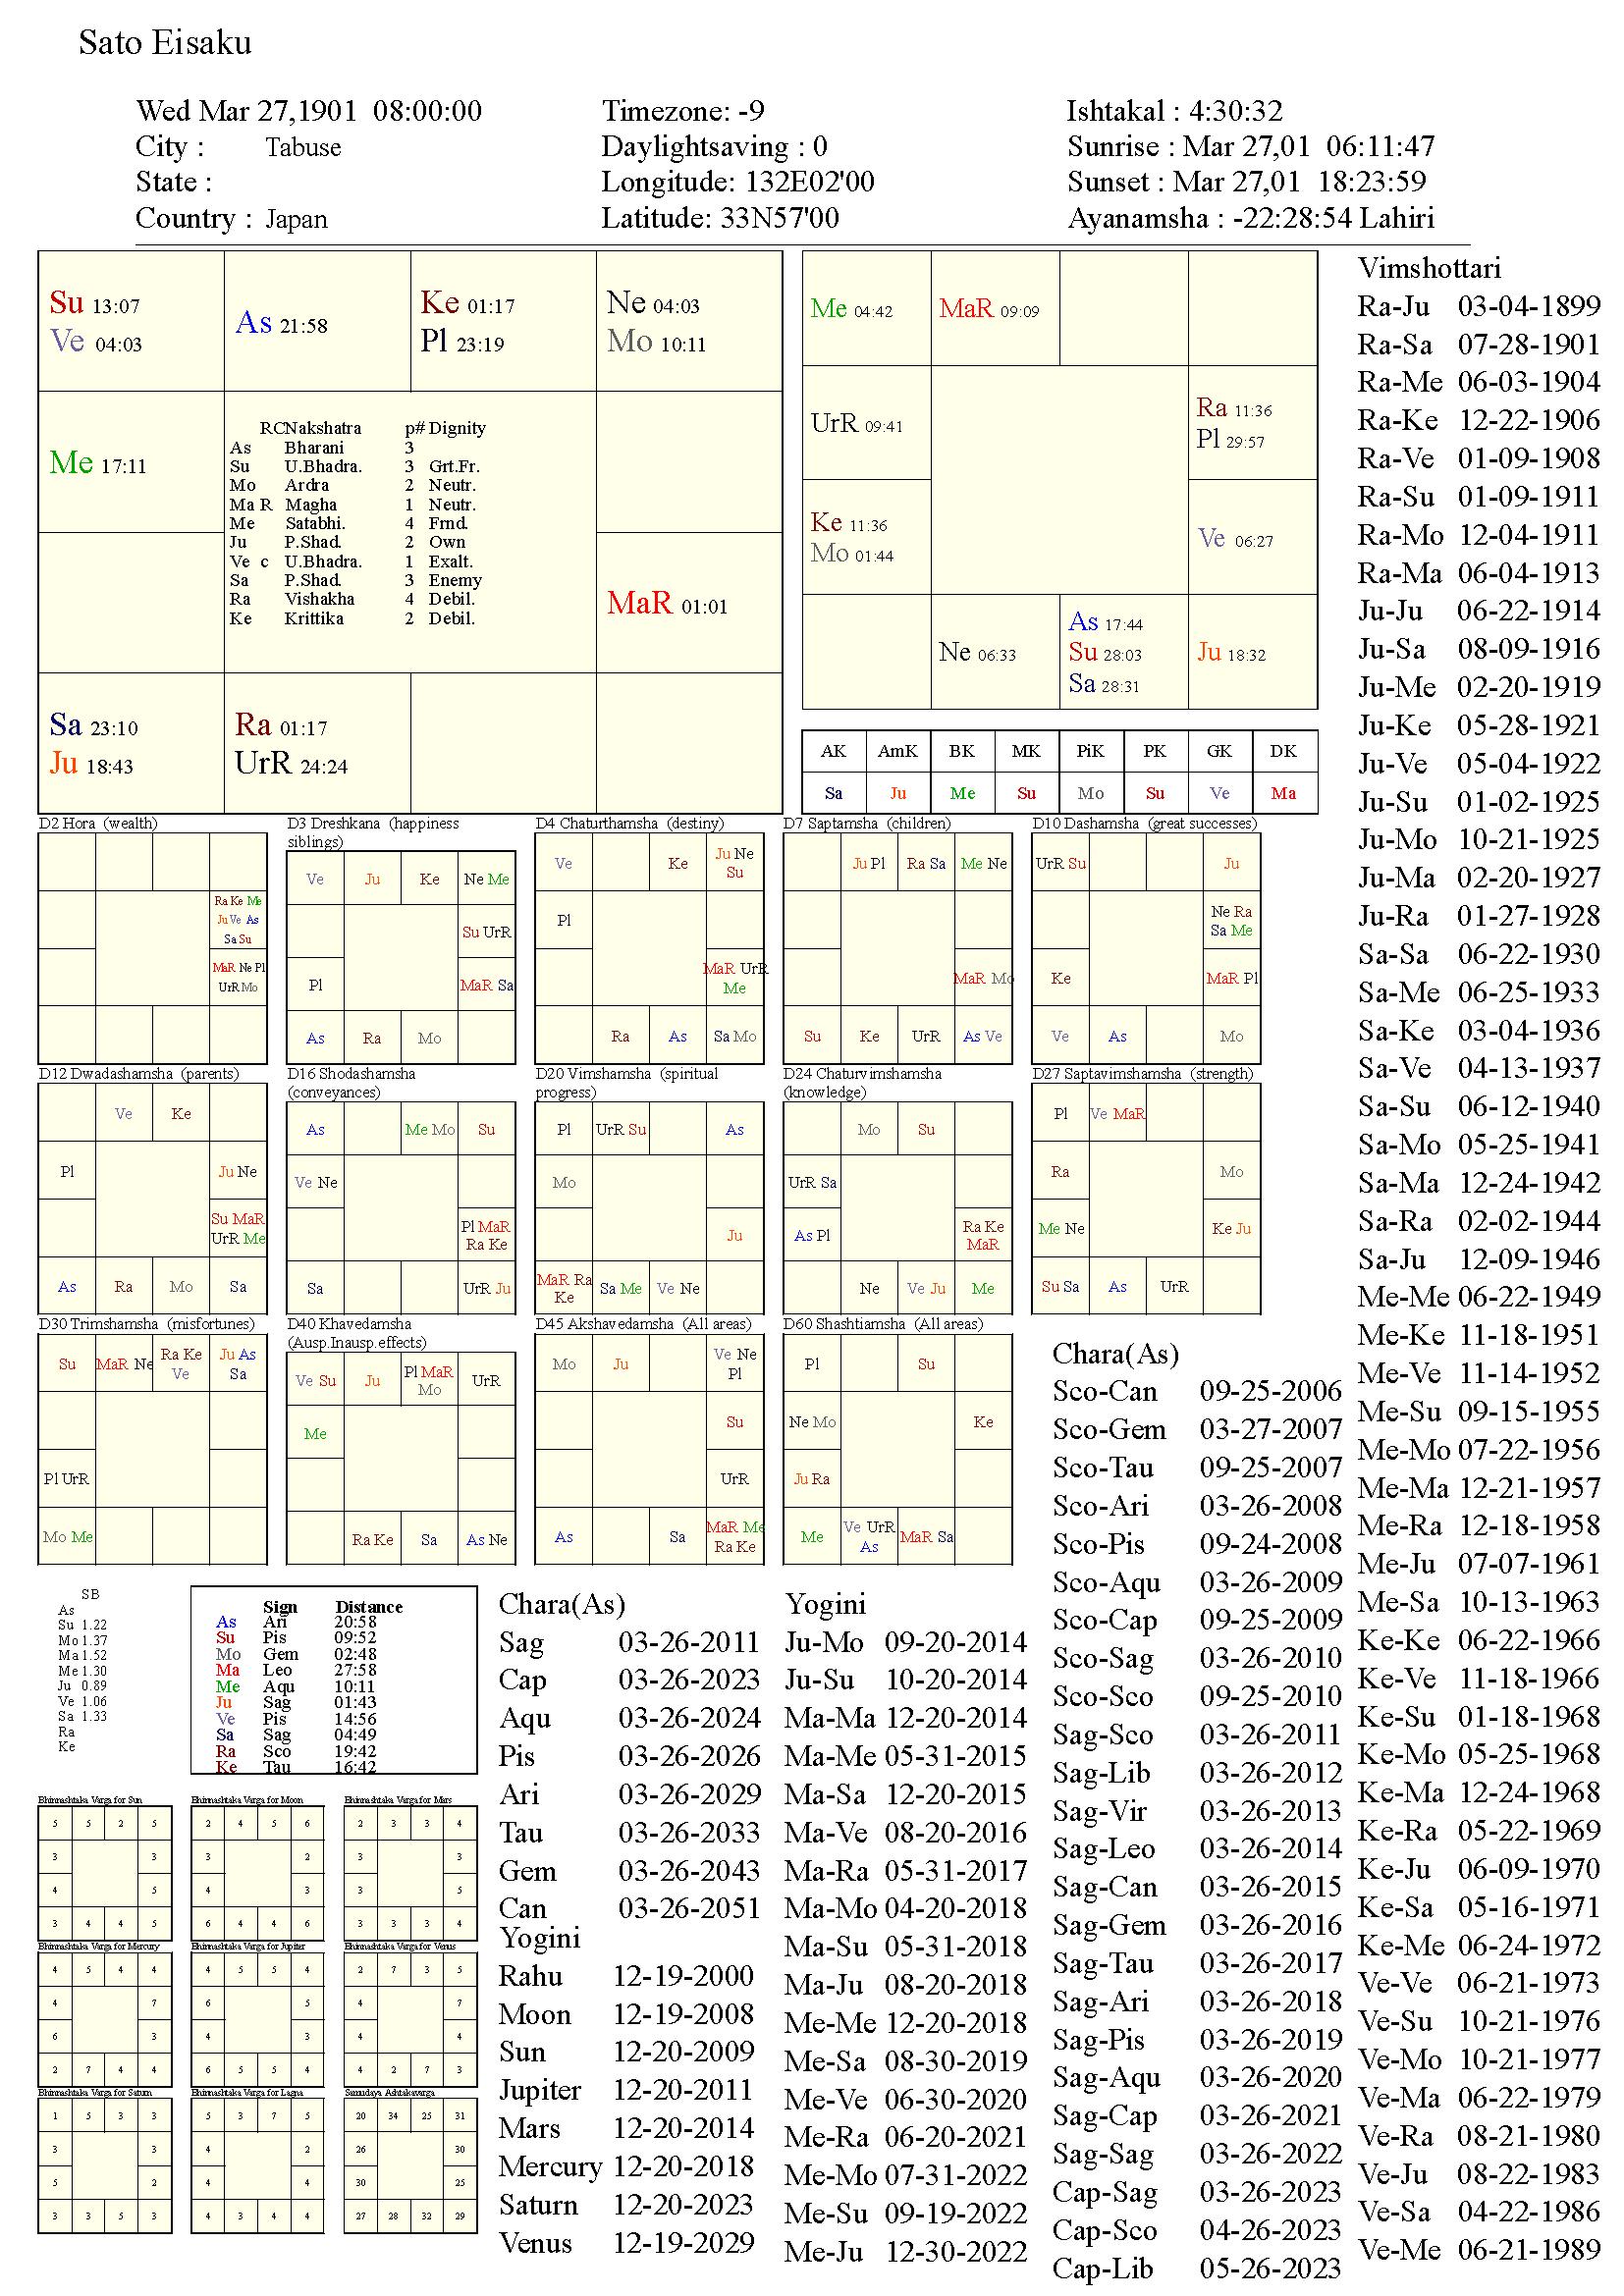 satoeisaku_chart